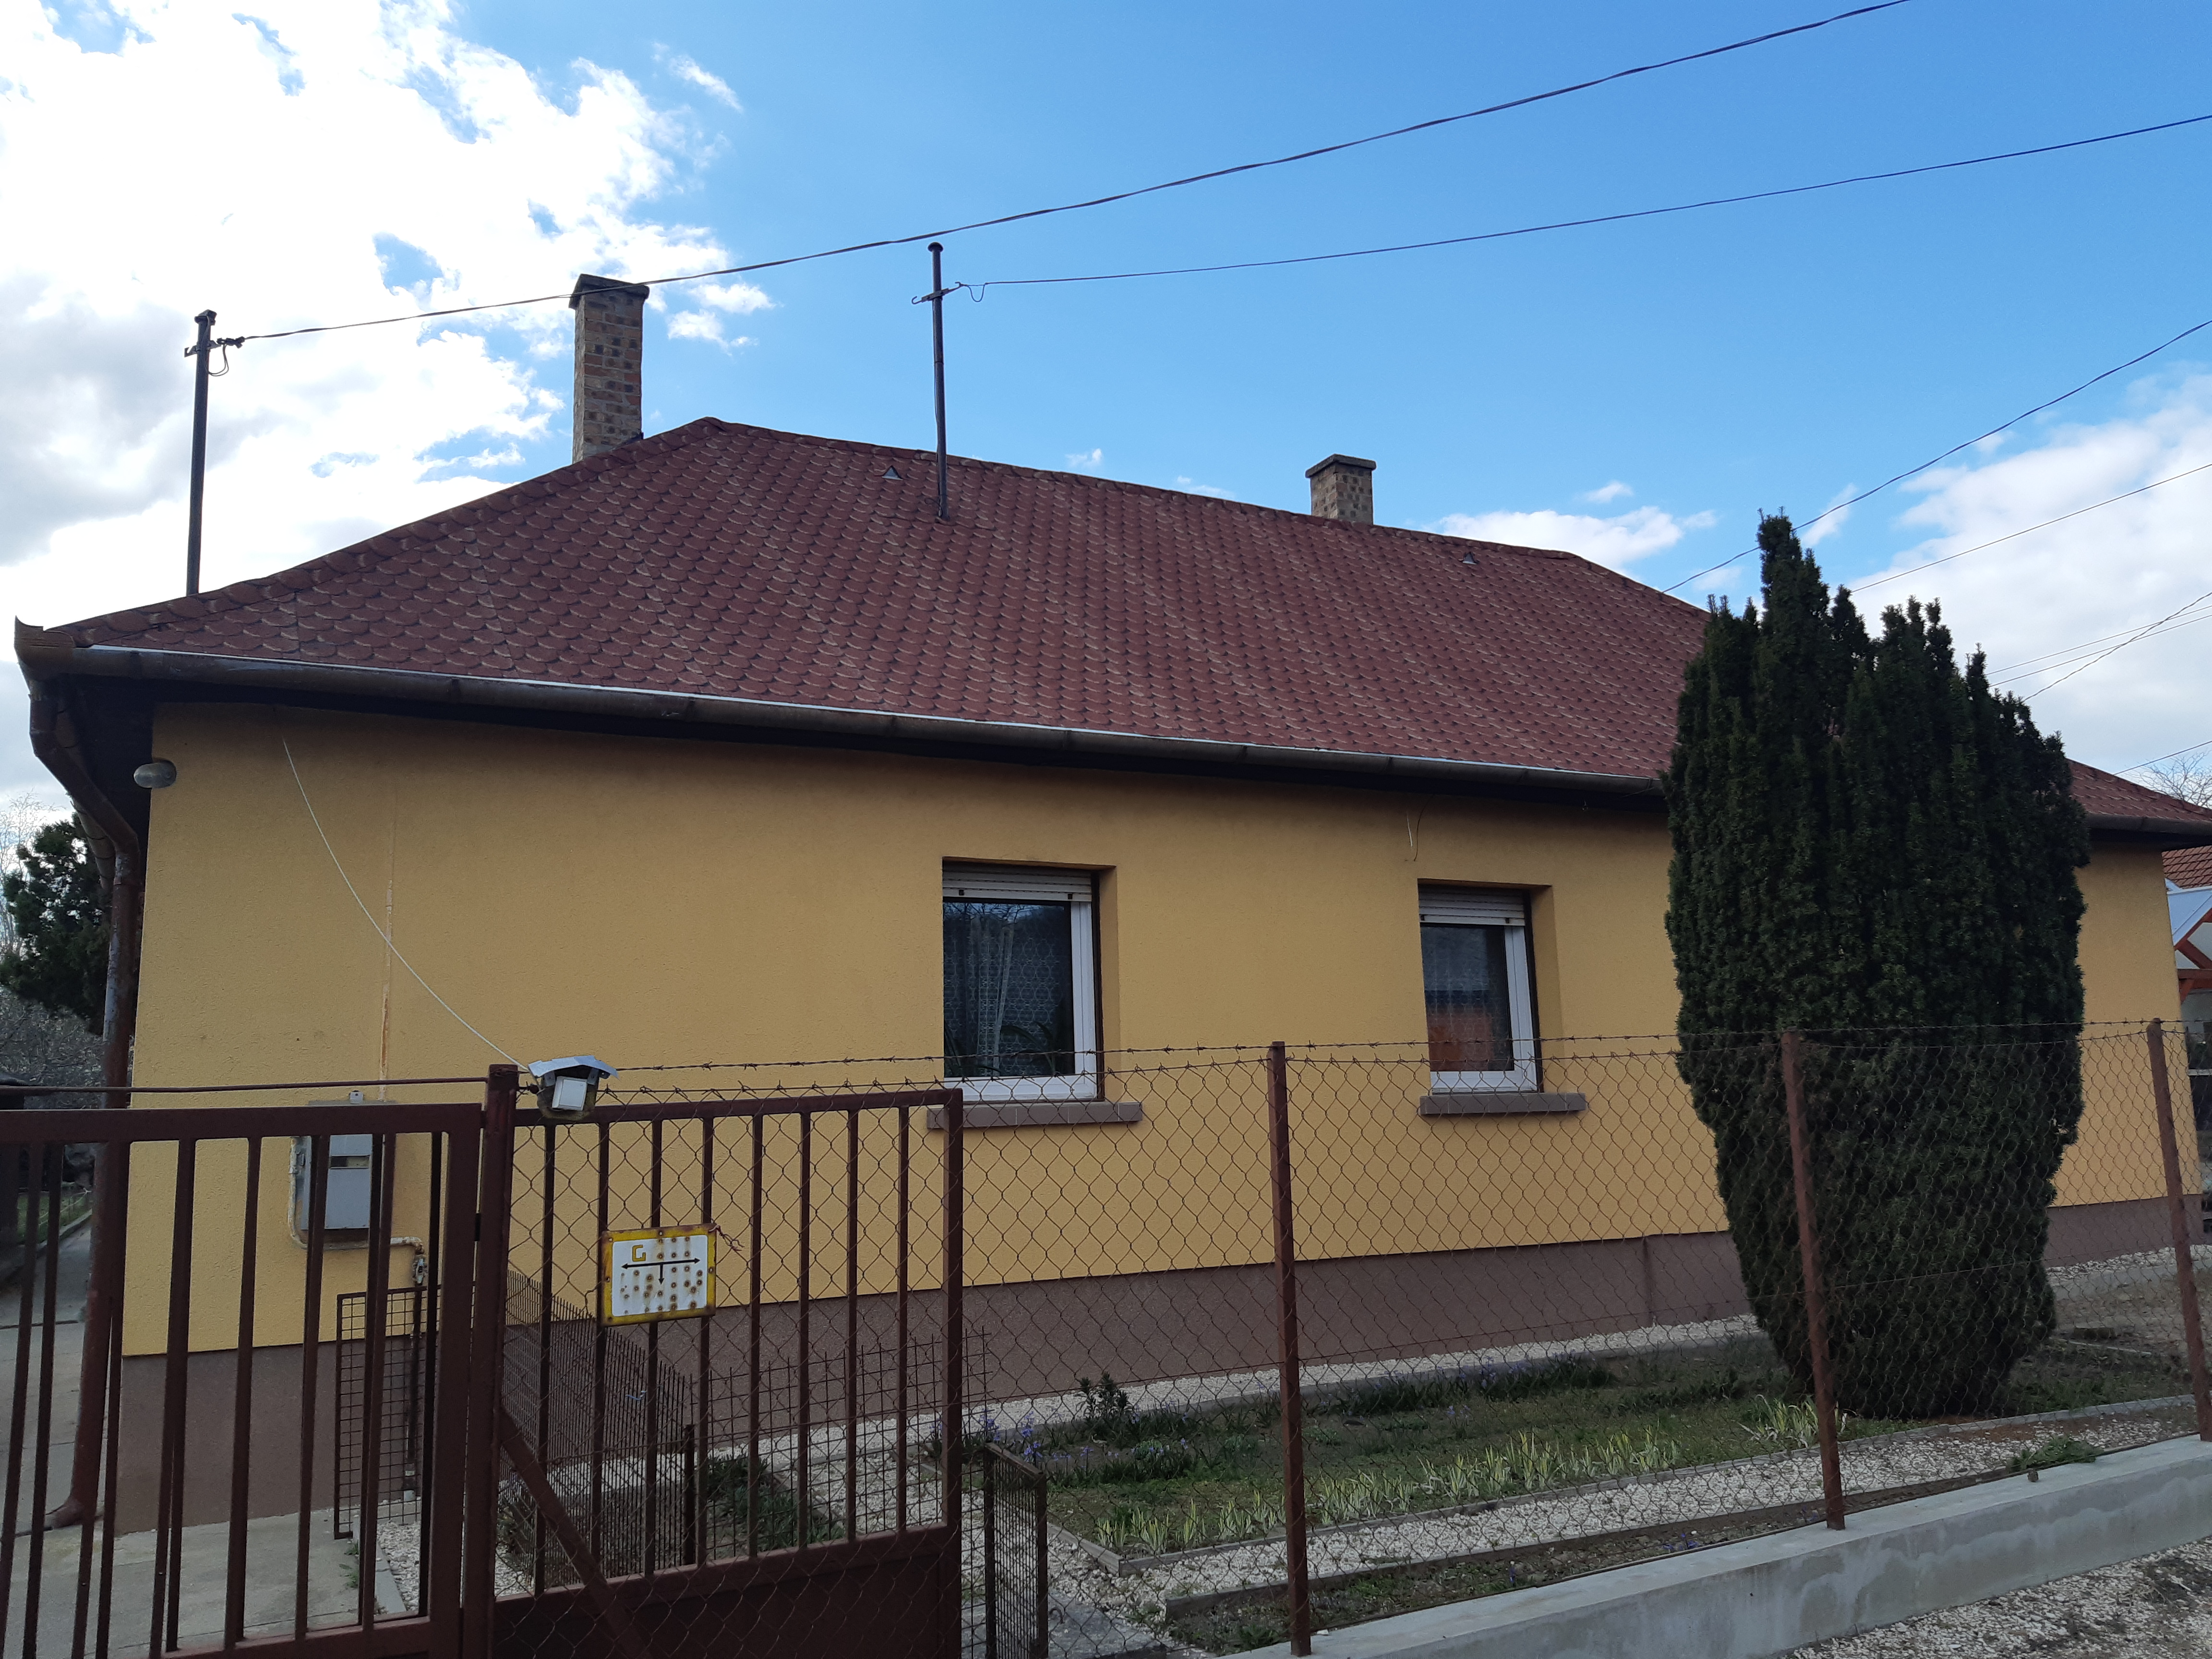 Palatető felújítás Lórév, palatető szigetelés LórévTeljes tető felújítása